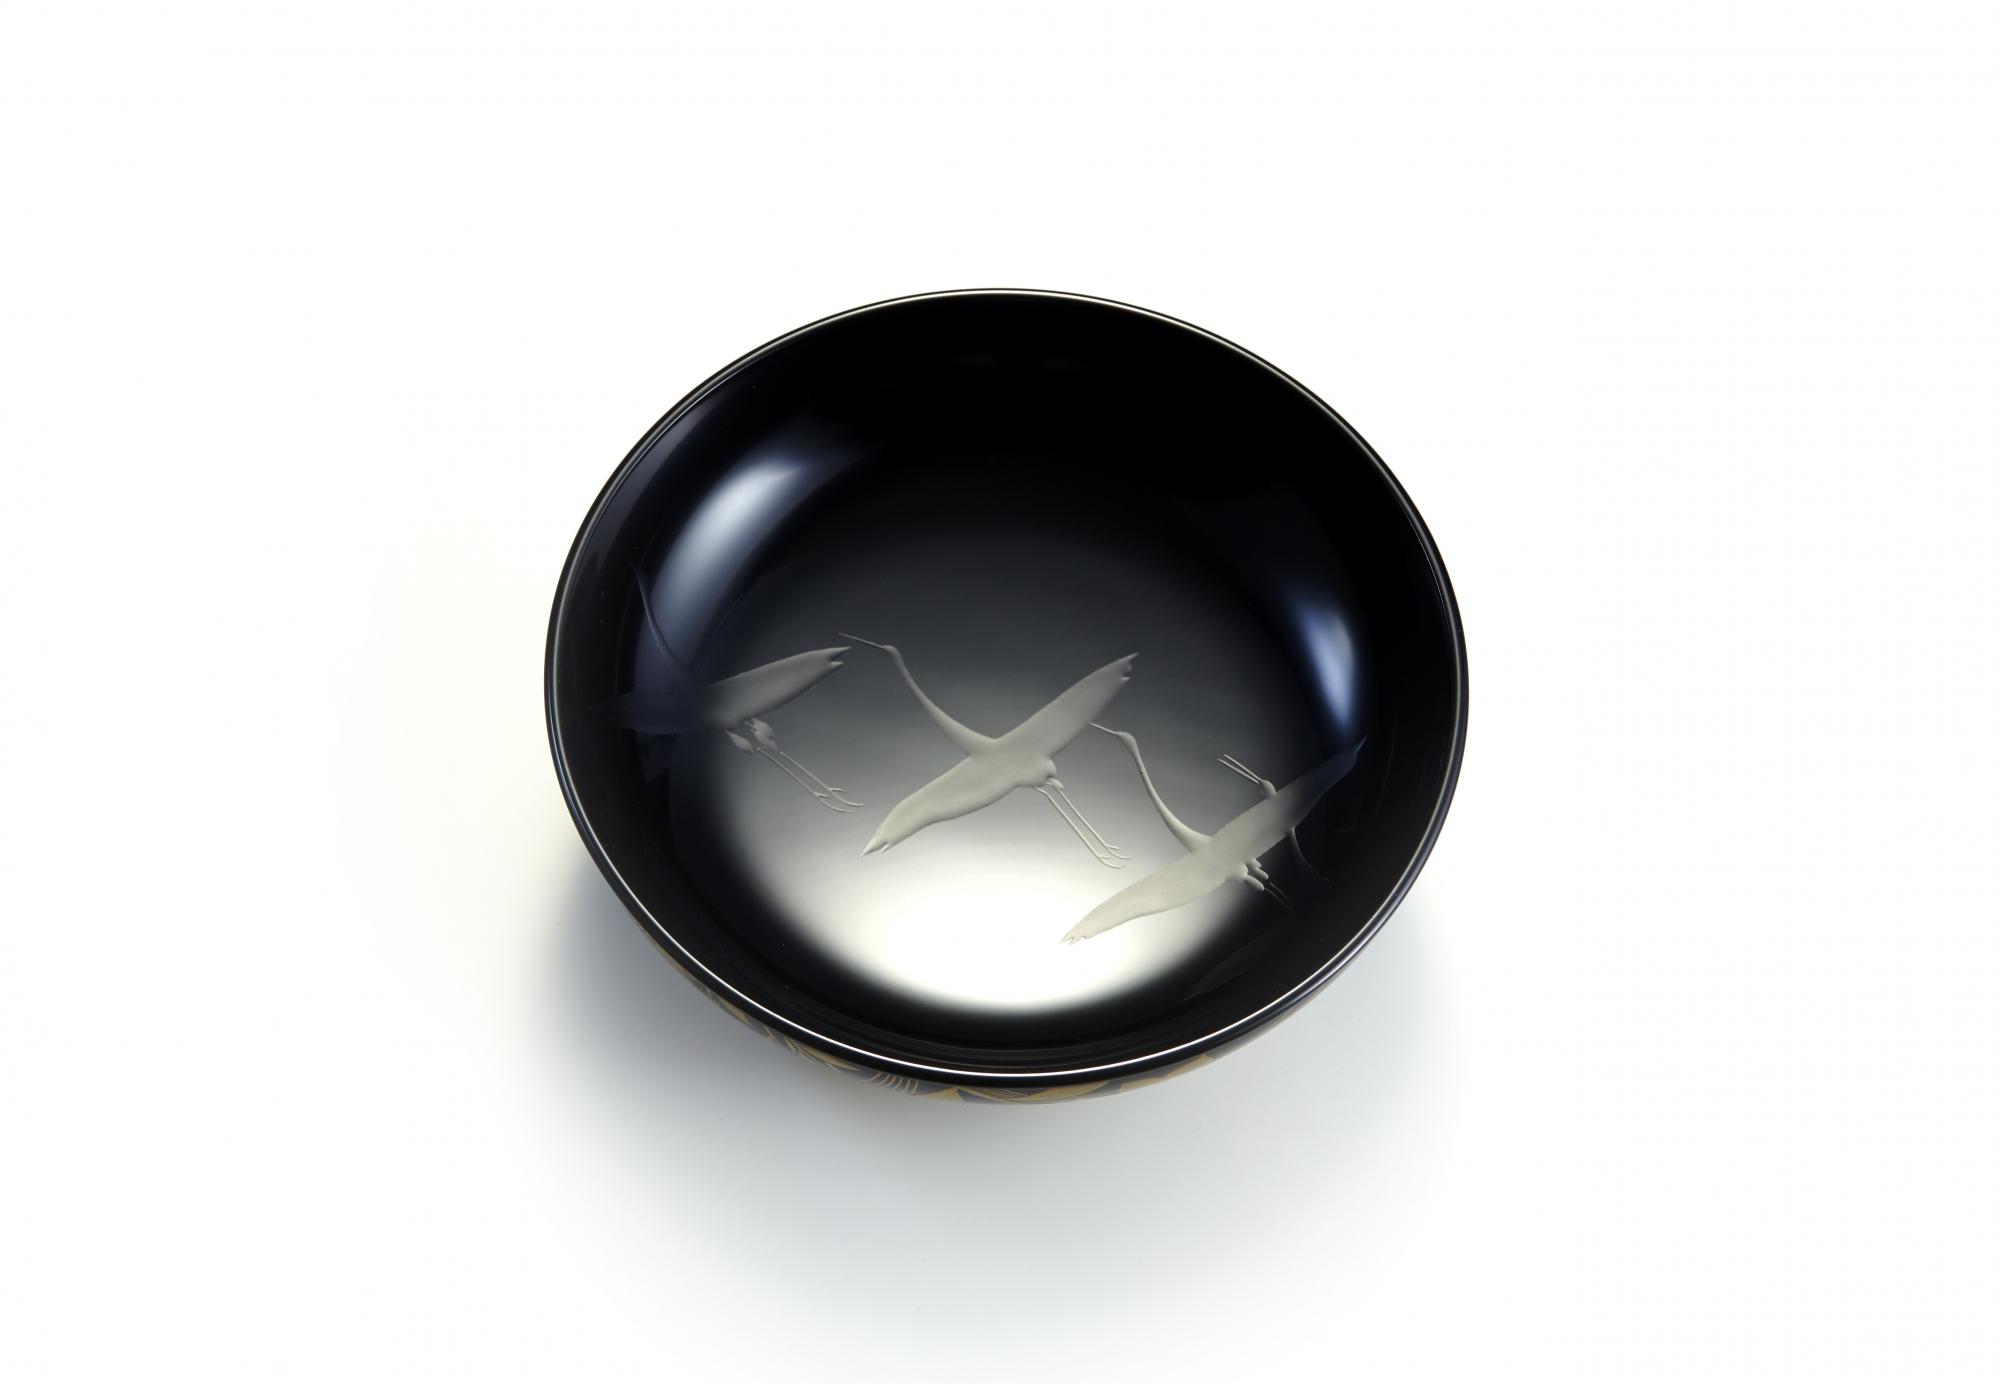 光琳蒔絵45縁紐煮物椀画像8